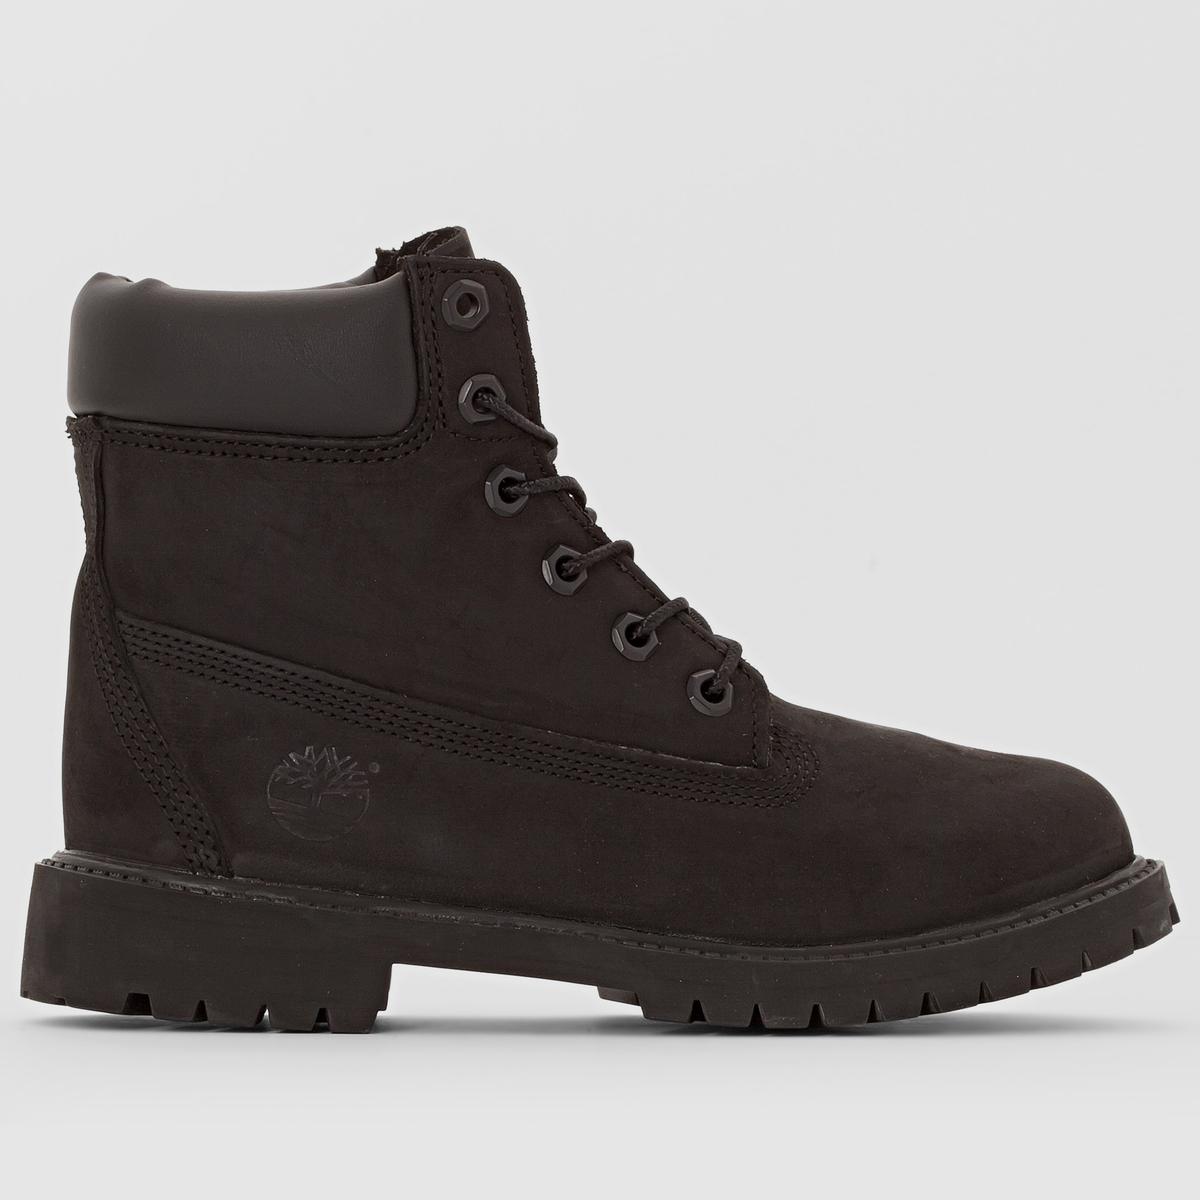 Boots 6 In Premium